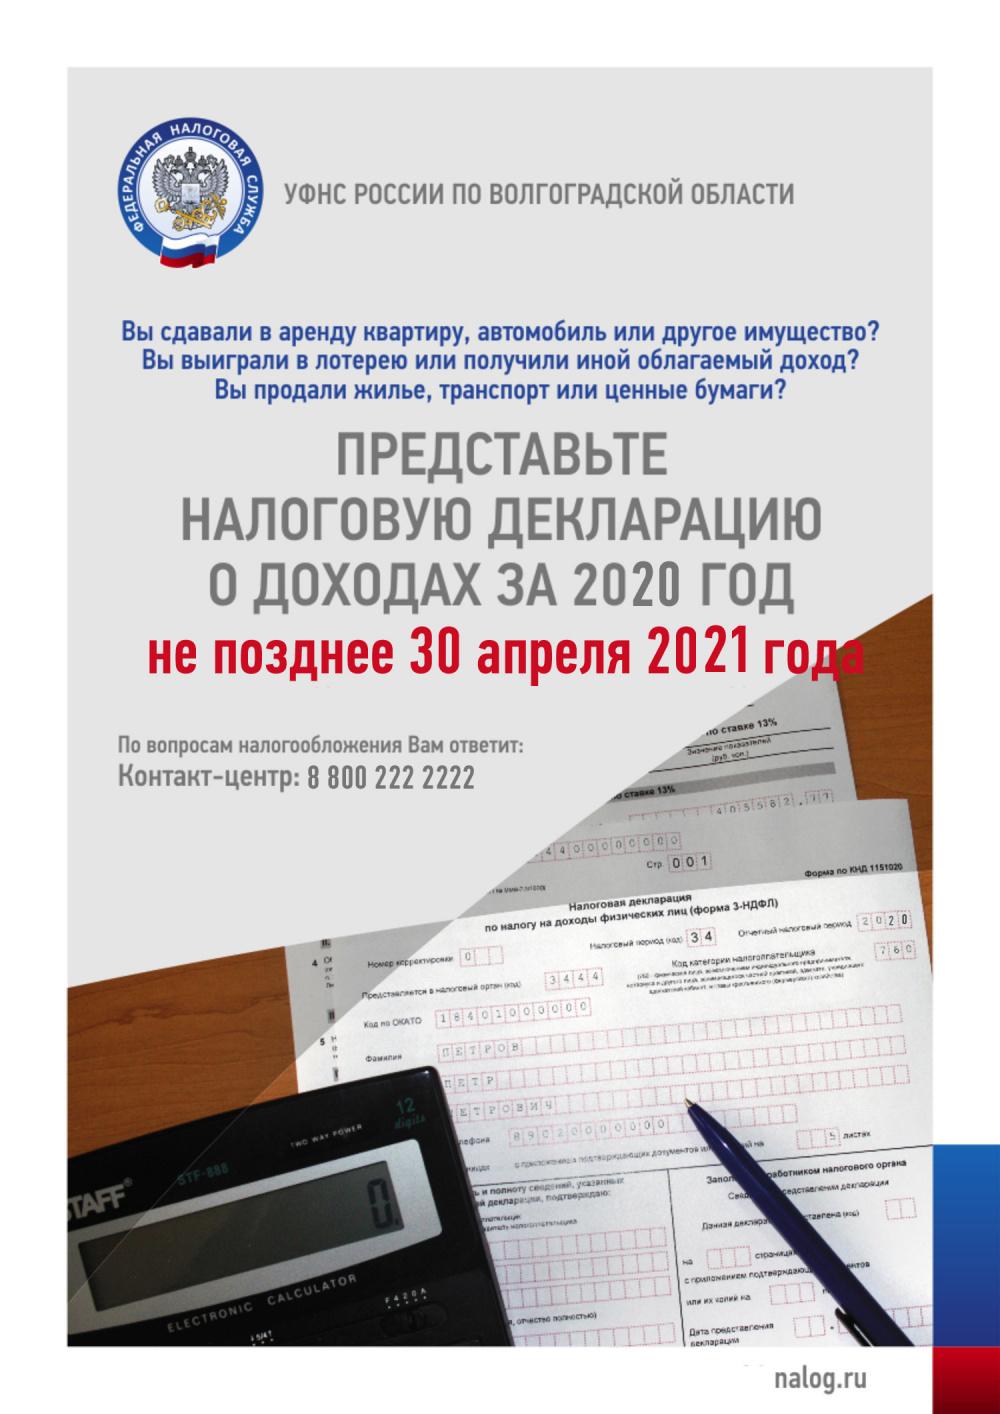 Направлять декларацию о доходах за 2020 год удобнее через личный кабинет